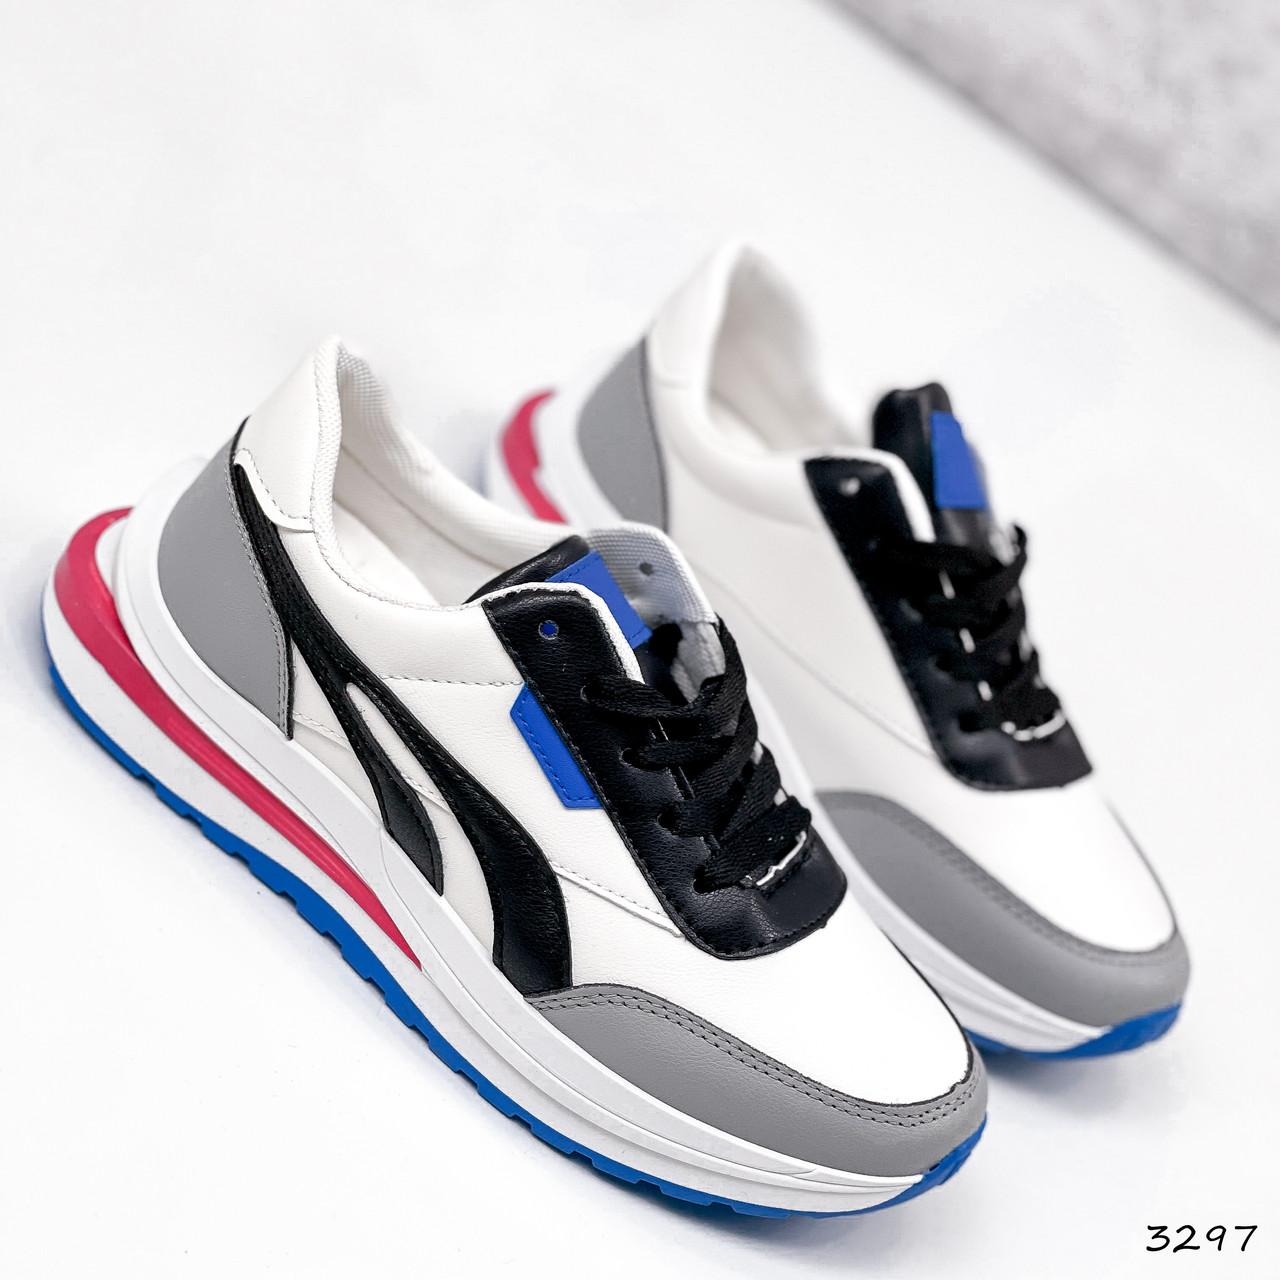 Кросівки жіночі Ursula білі + сірий + чорний + синій 3297